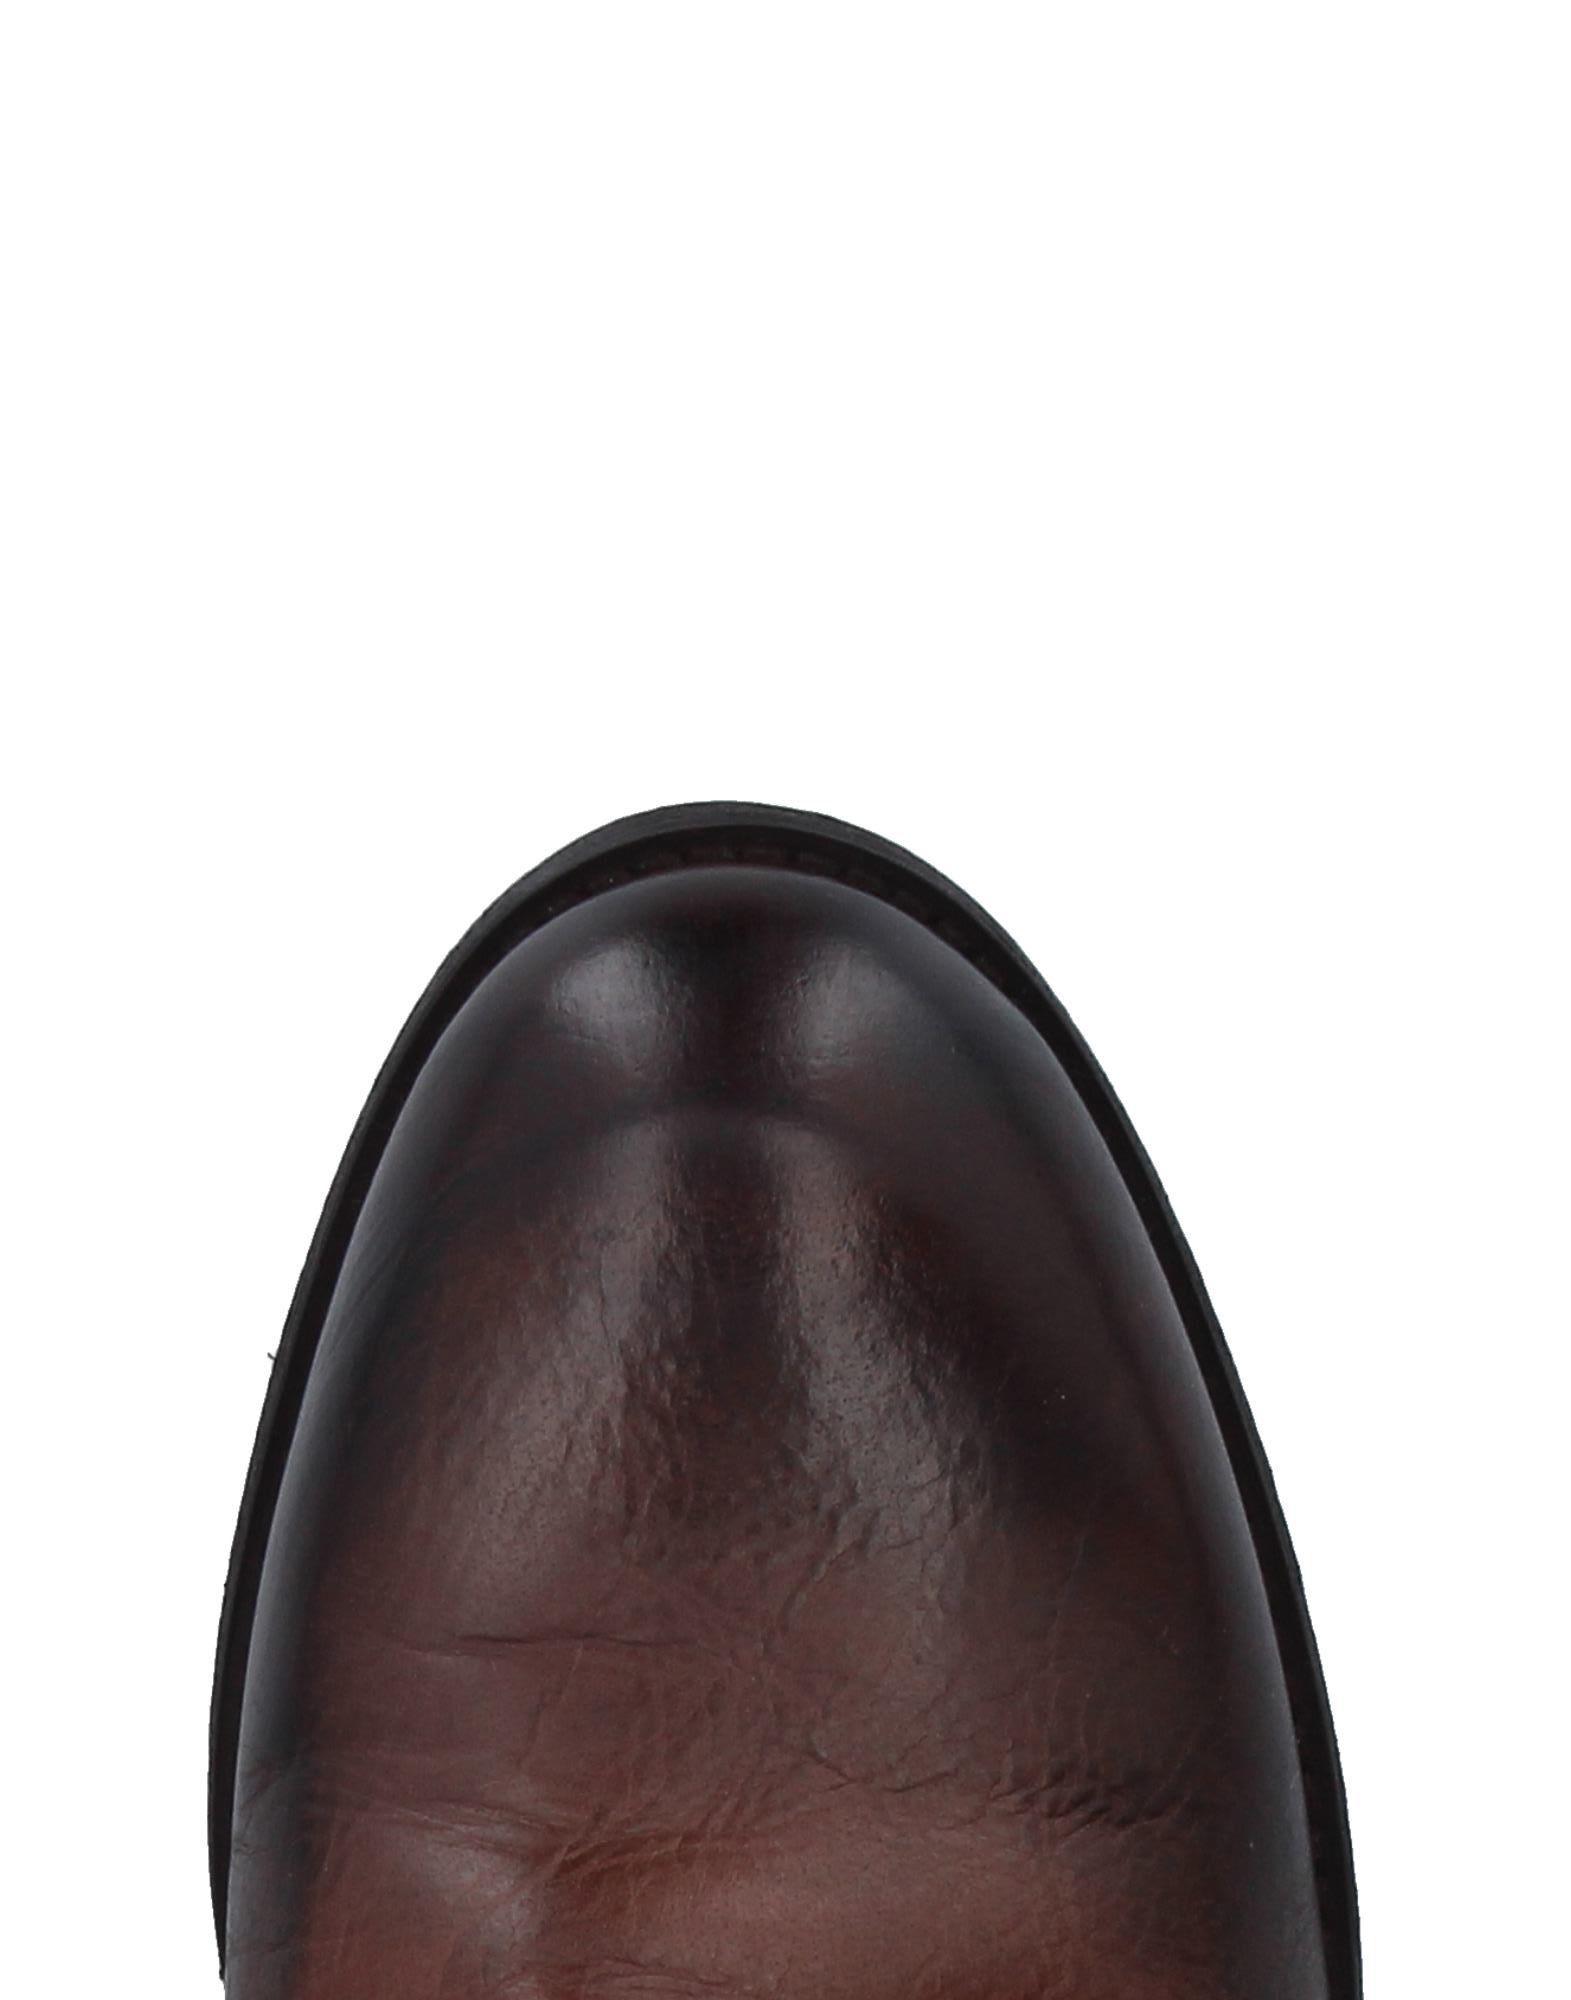 CHAUSSURES - Chaussures à lacetsOfficina 36 blQ4gnBk